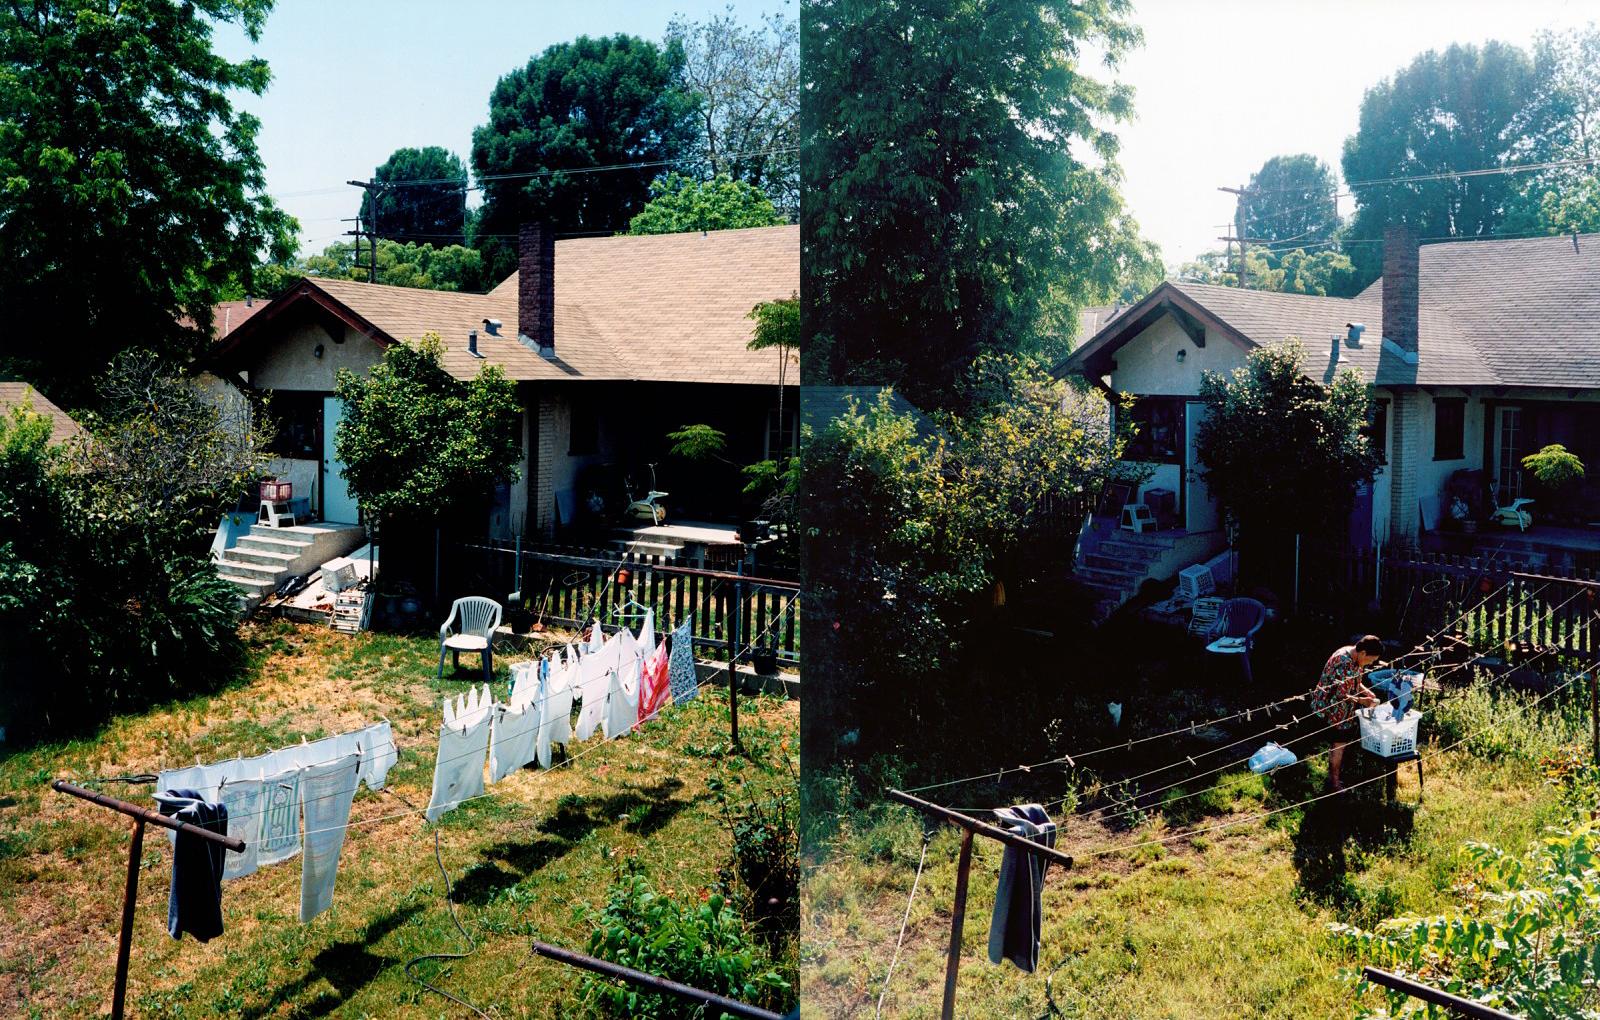 ec_backyard_28-29.jpg